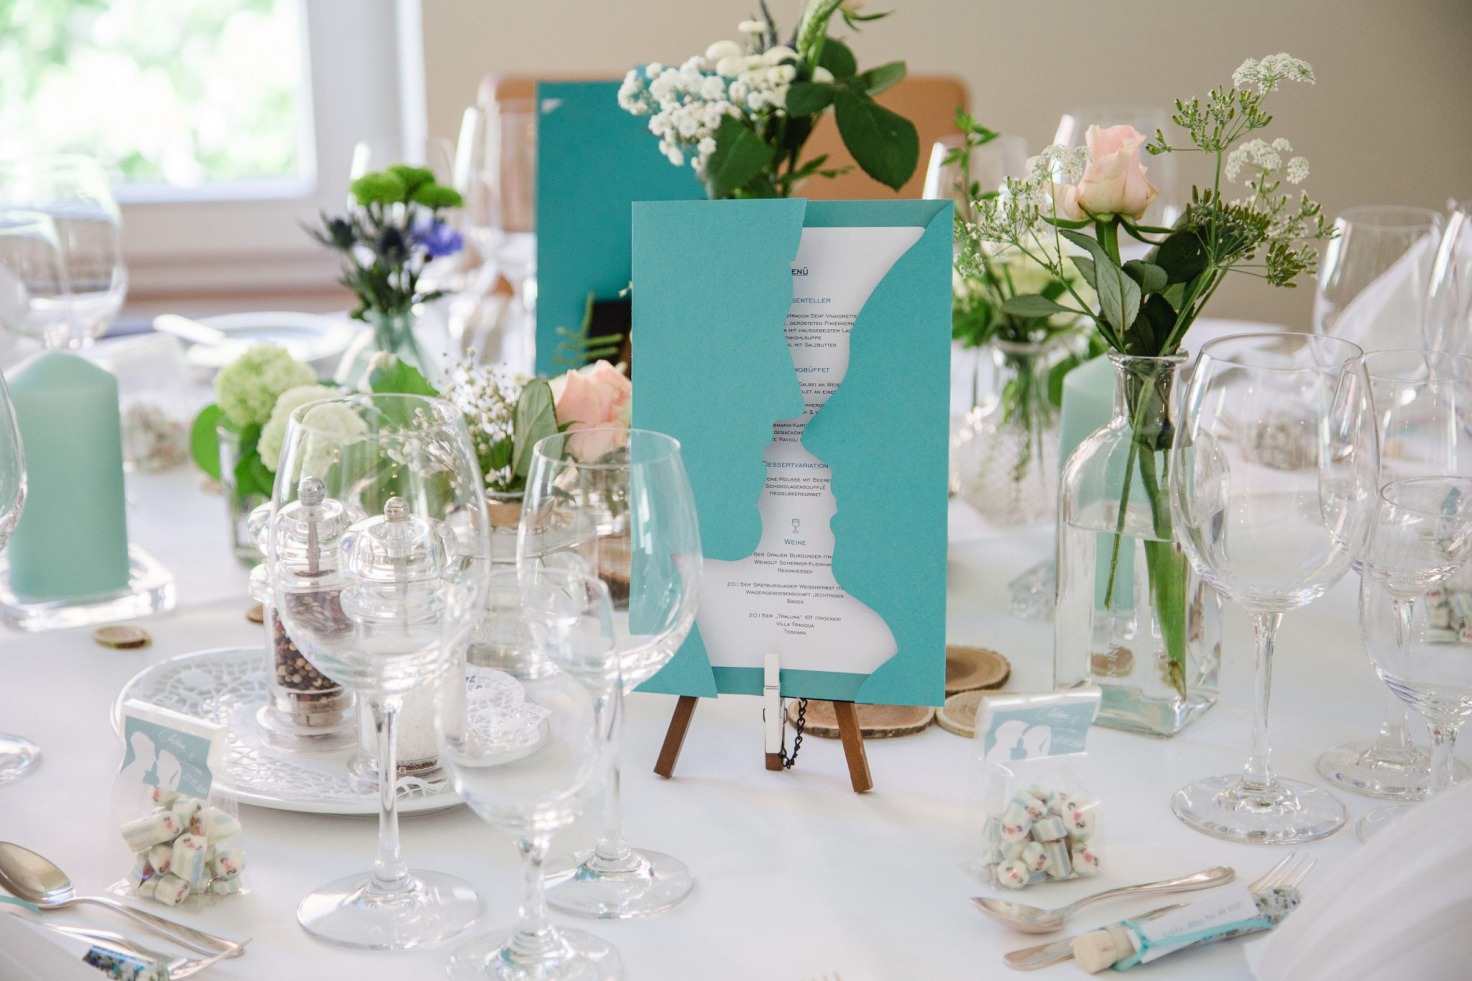 Hochzeit von Tine und Basti in Münster: Eingedeckter Tisch